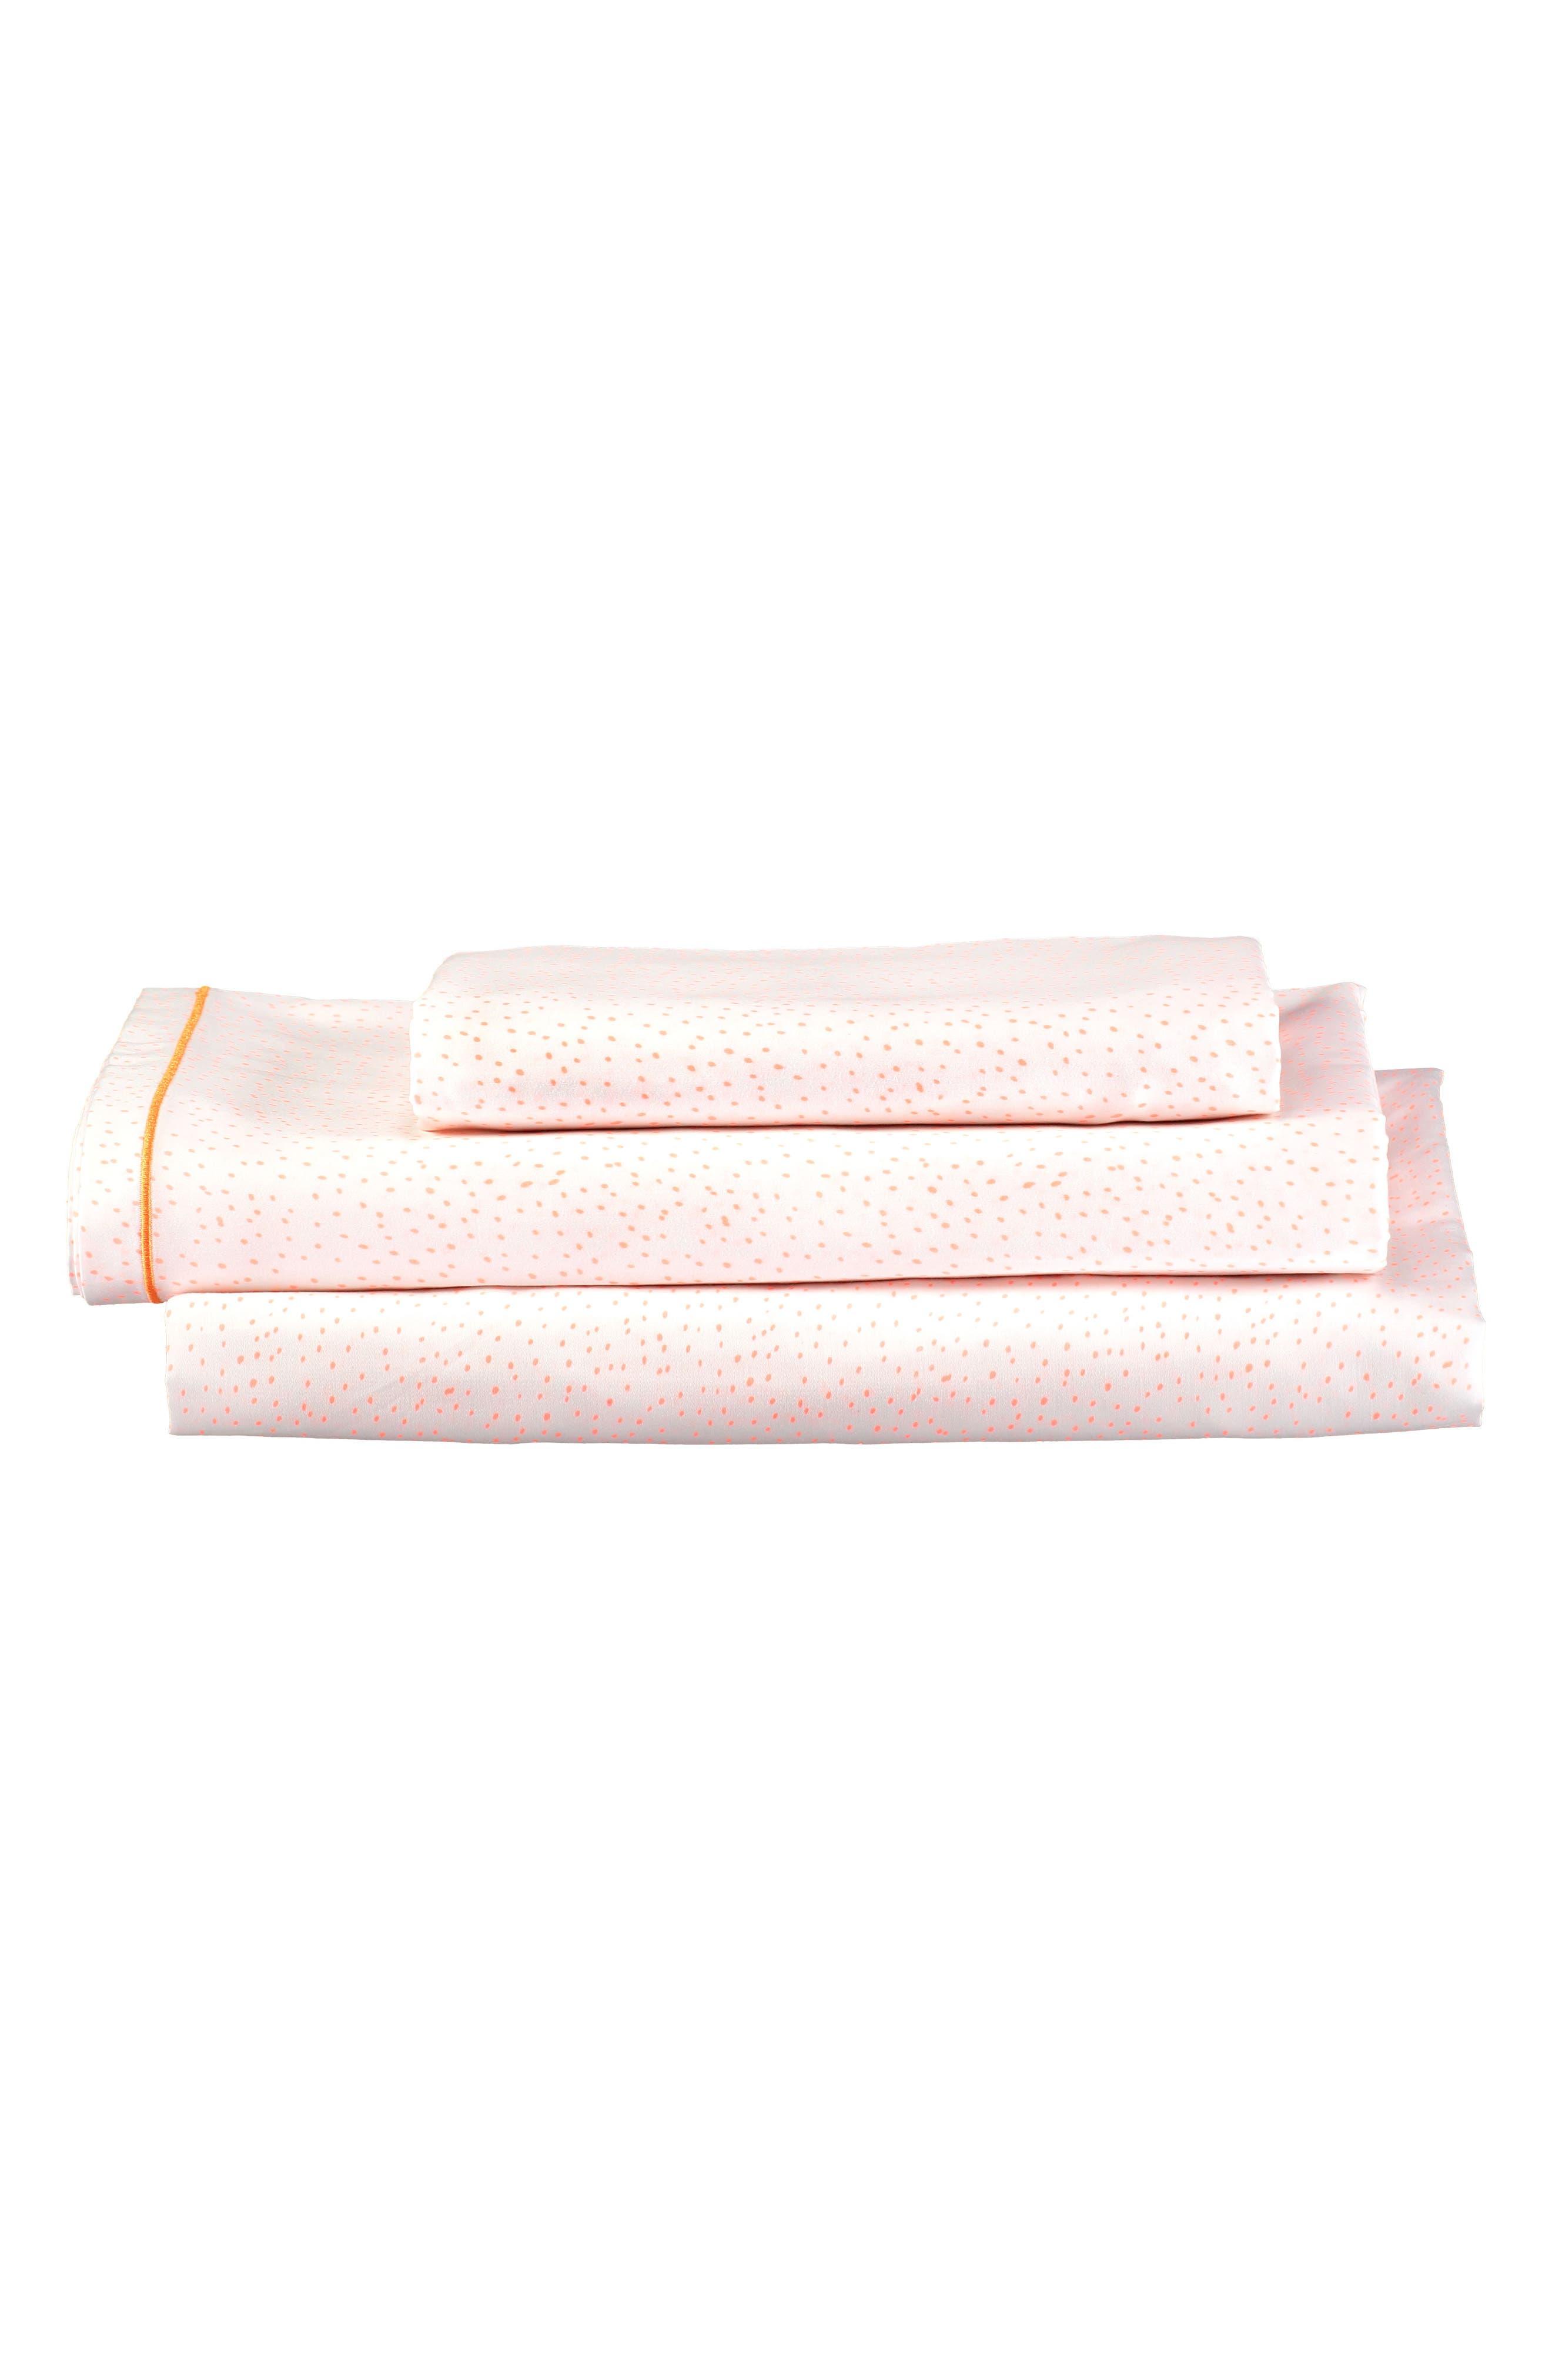 Main Image - Meri Meri Twin Sheet & Pillowcase Set